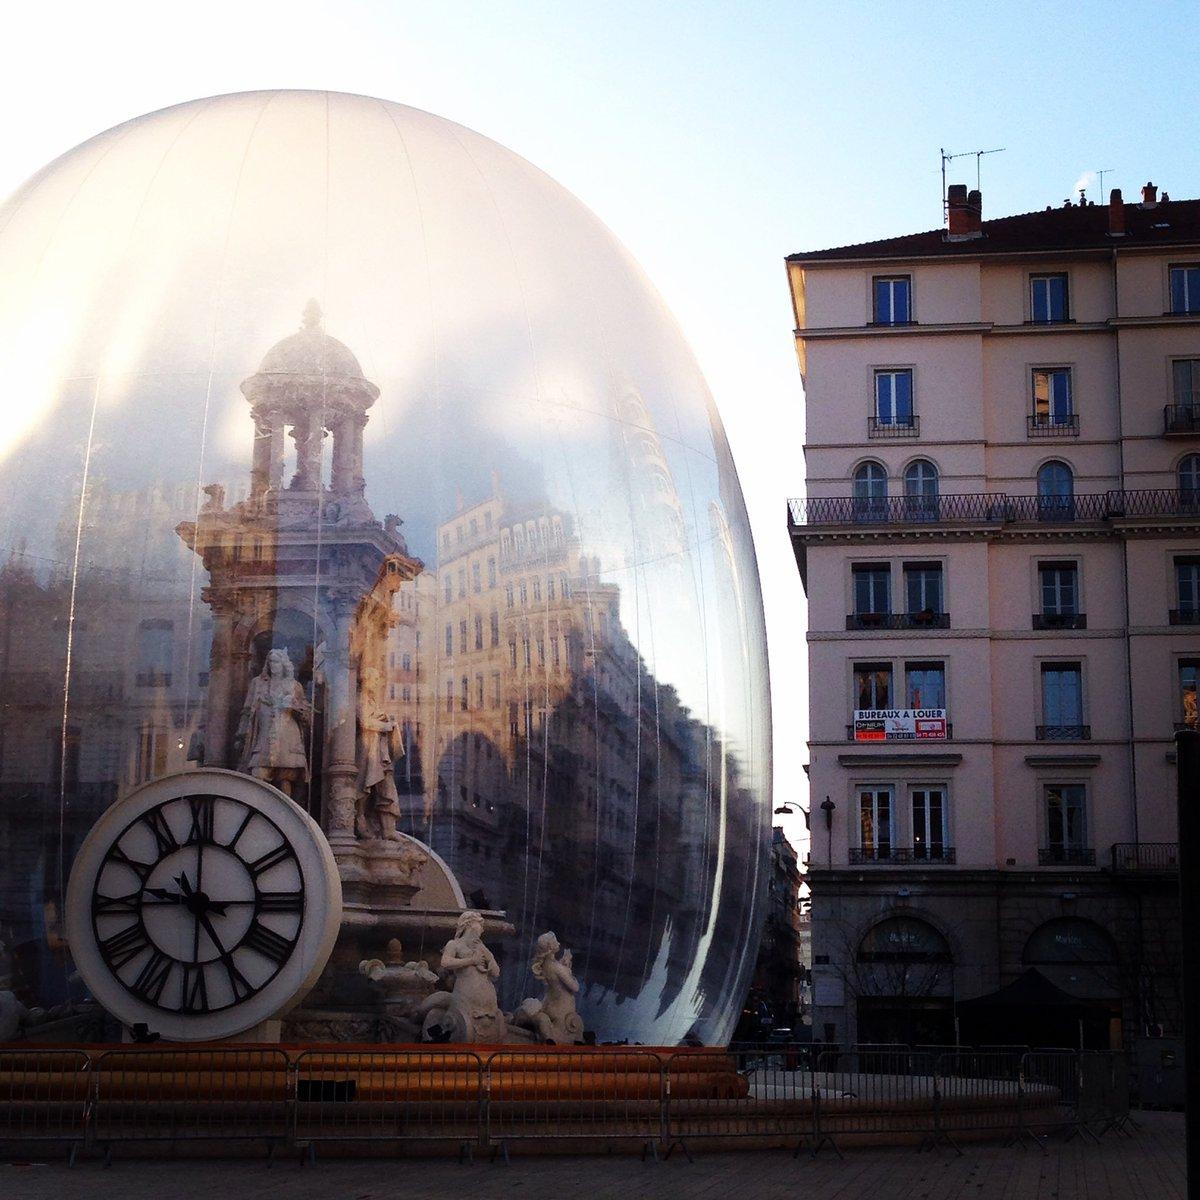 Reflets éphémères - La #FeteDesLumieres est magnifique même la journée ! #FDL2017pic.twitter.com/86ut4LNwf7